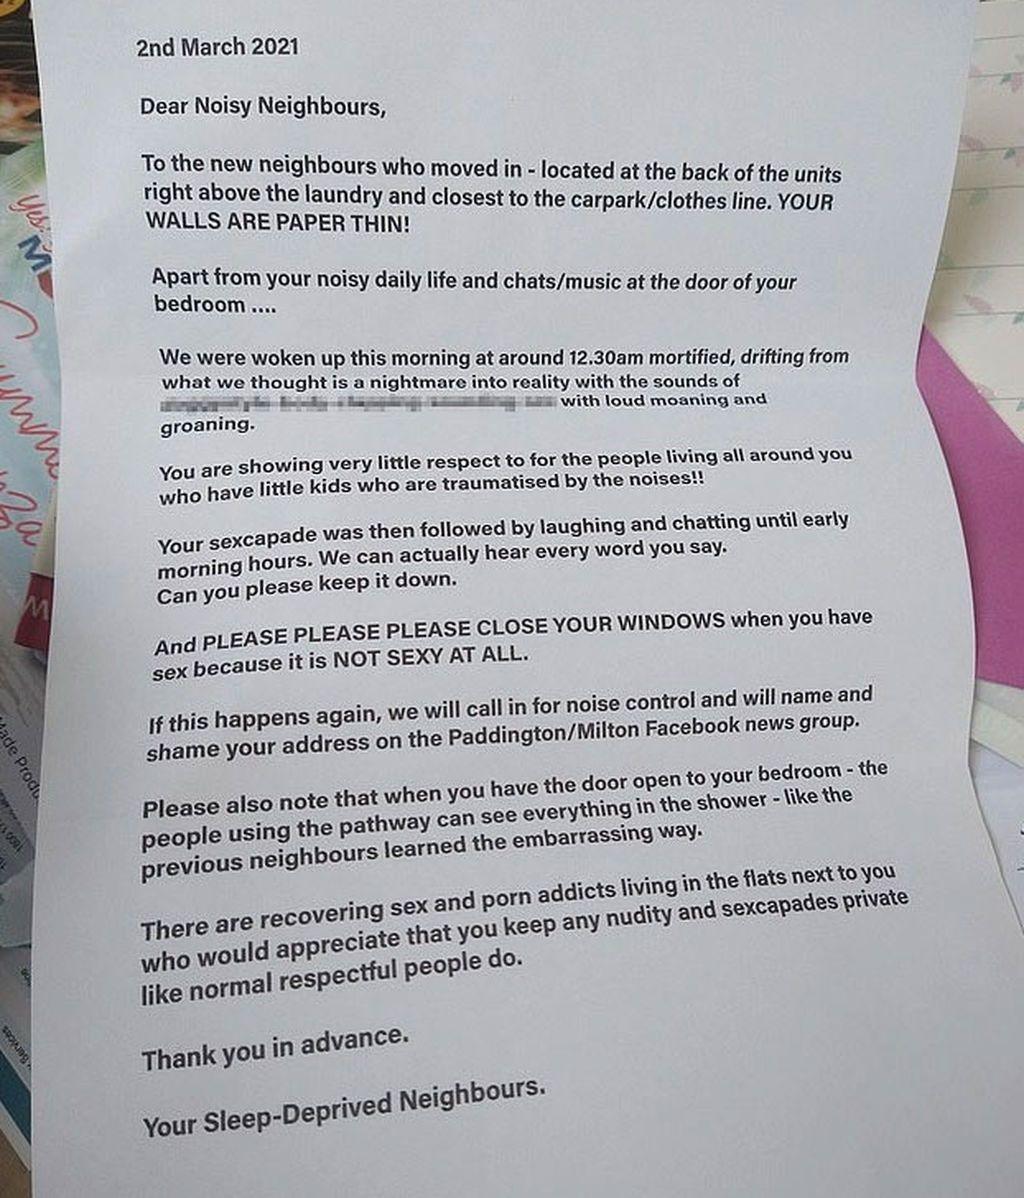 Carta de queja por ruidos sexuales Australia